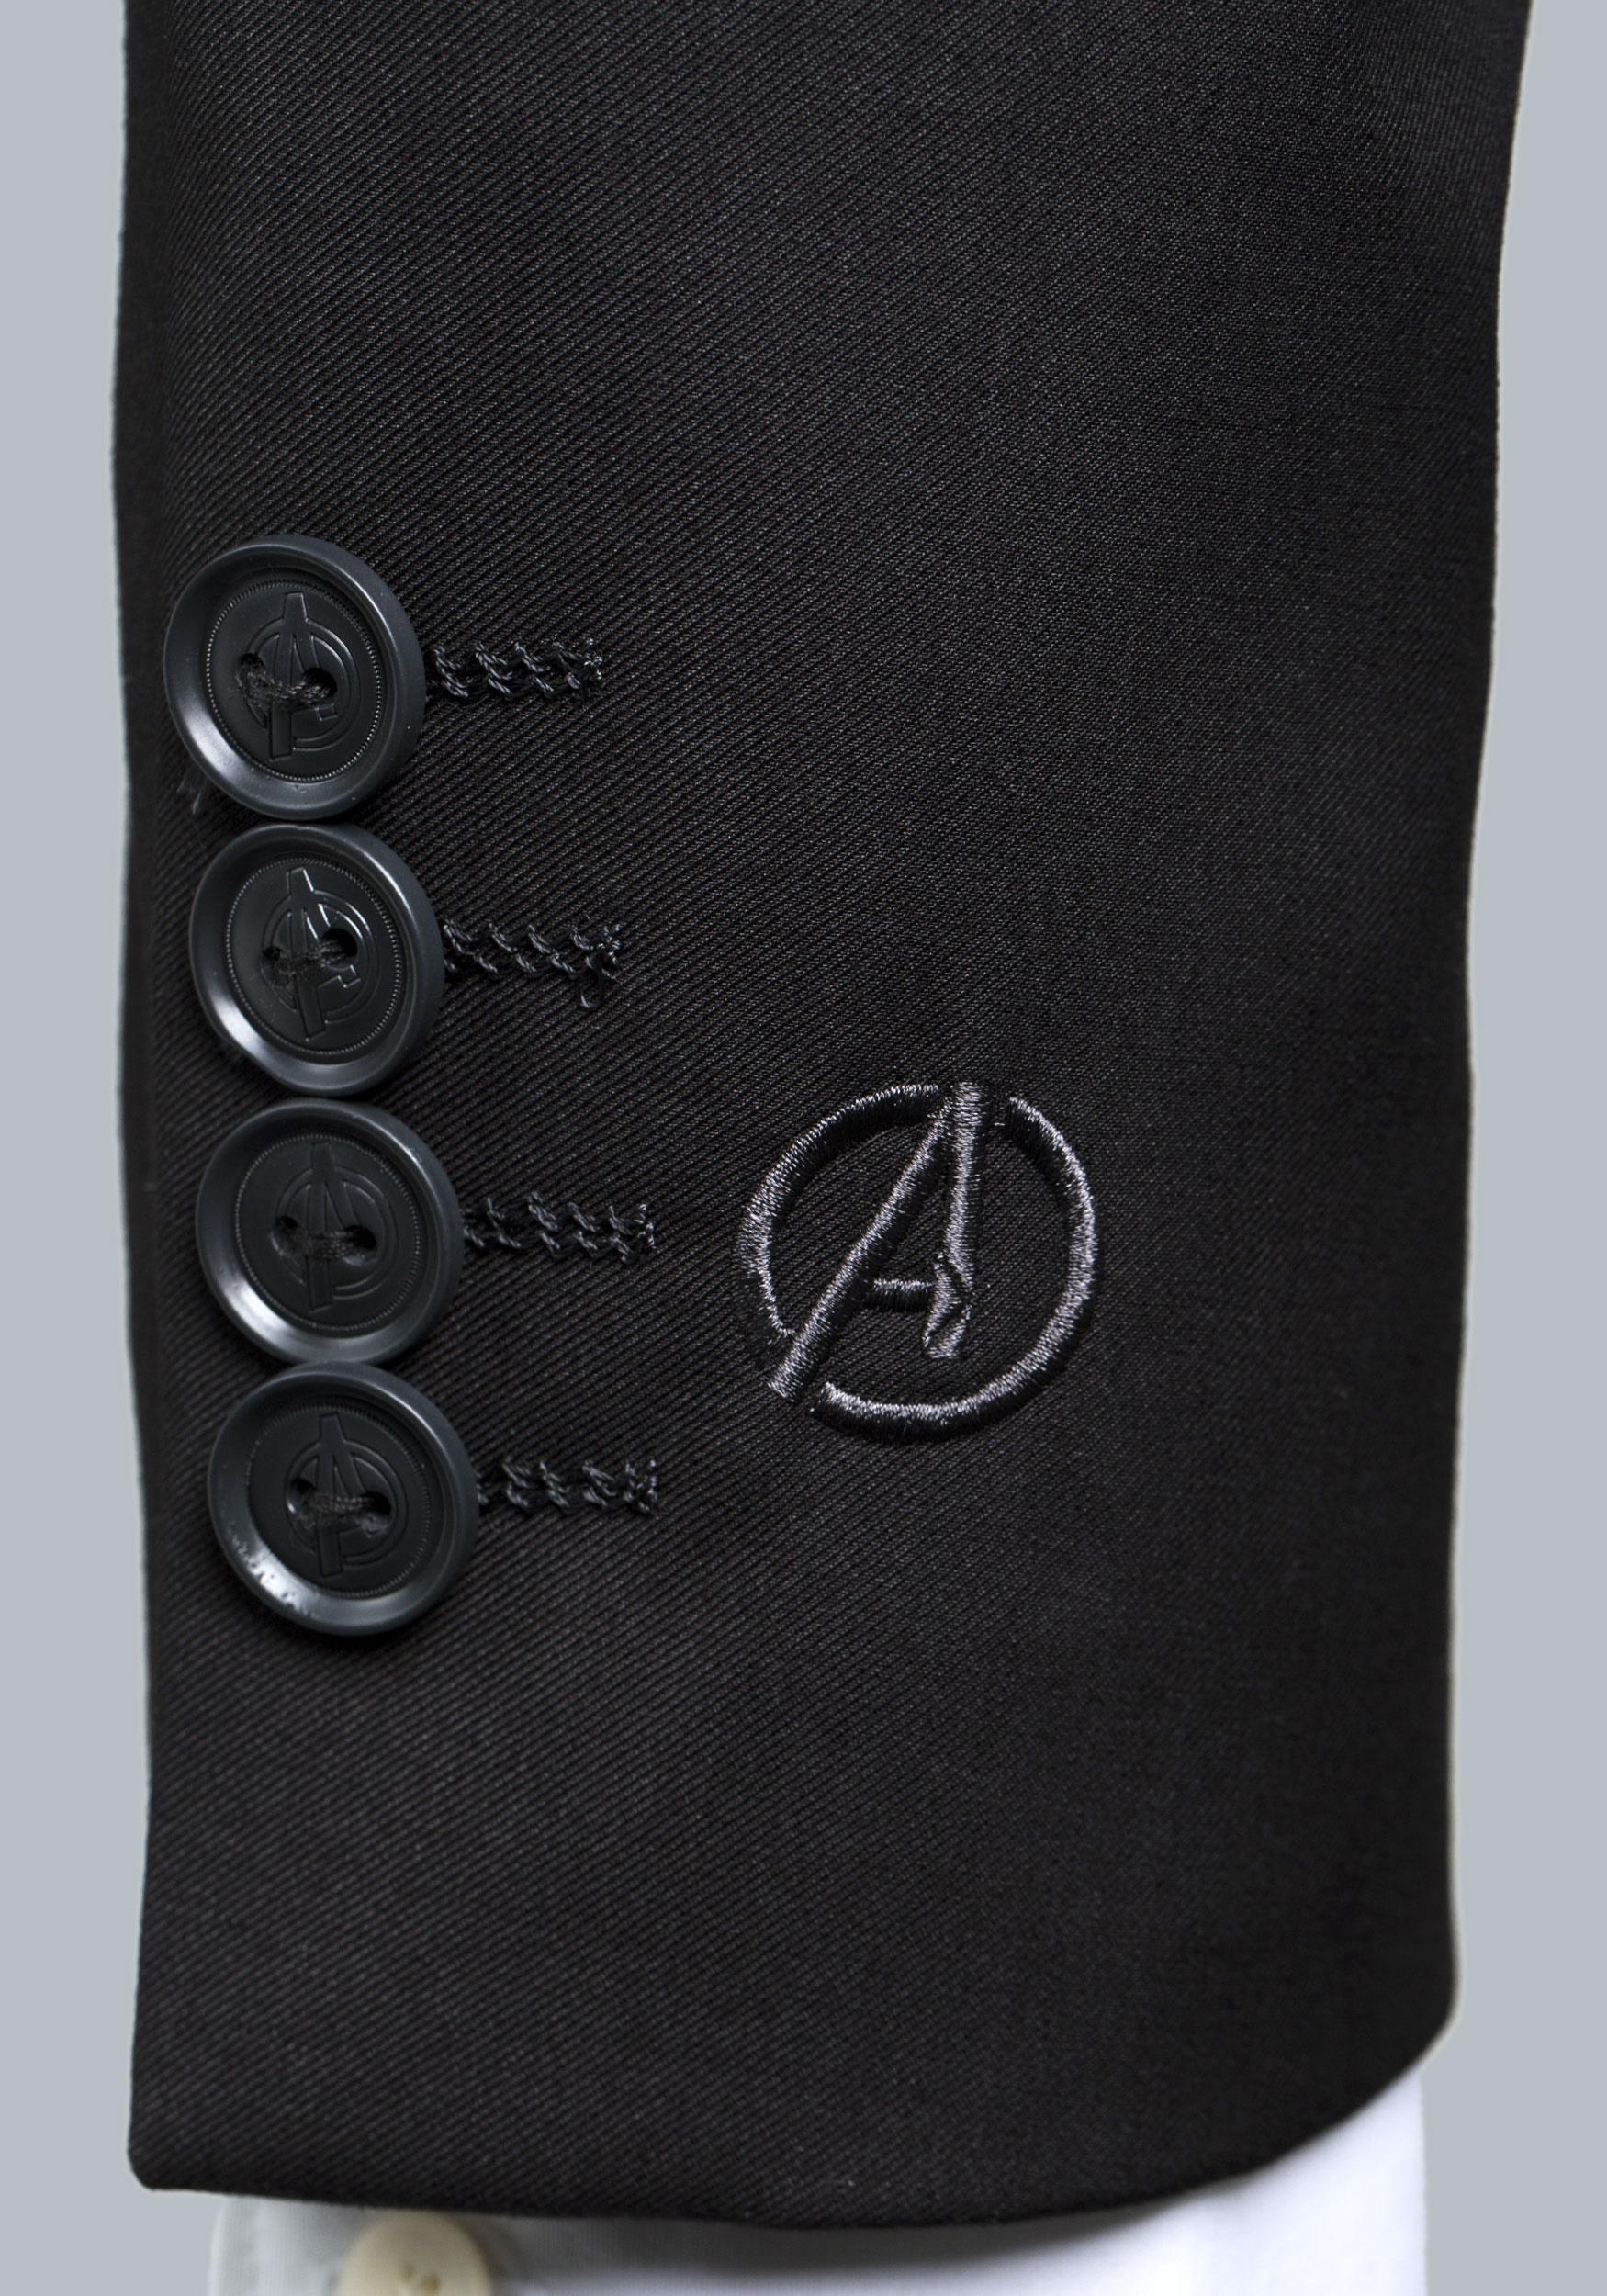 Suit jacket - Avengers Suit Jacket Secret Identity